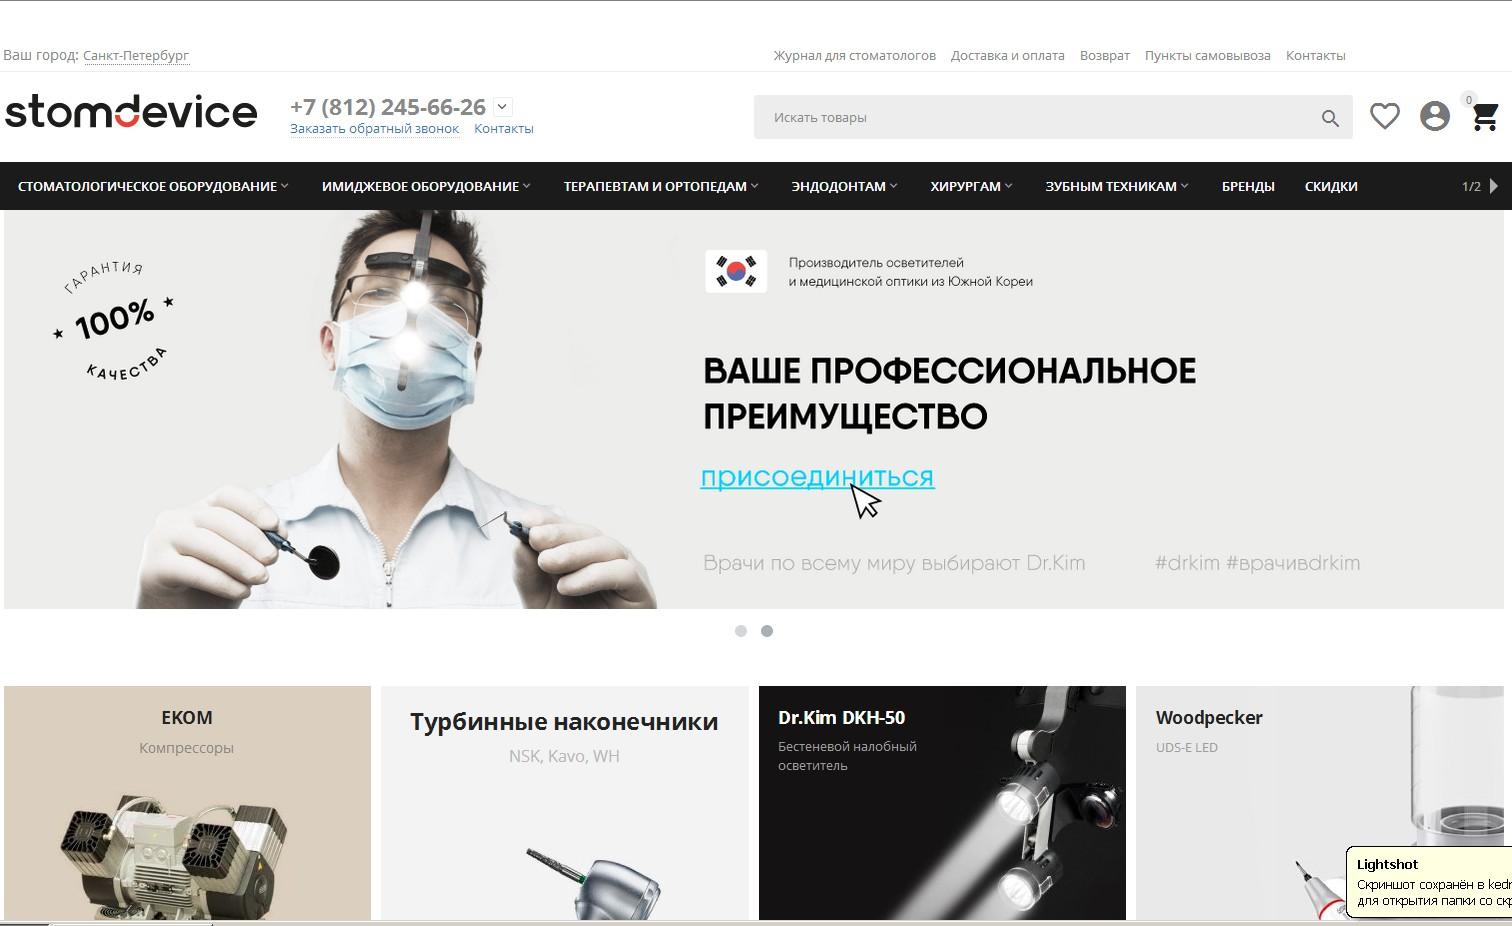 отзывы о stomdevice.ru